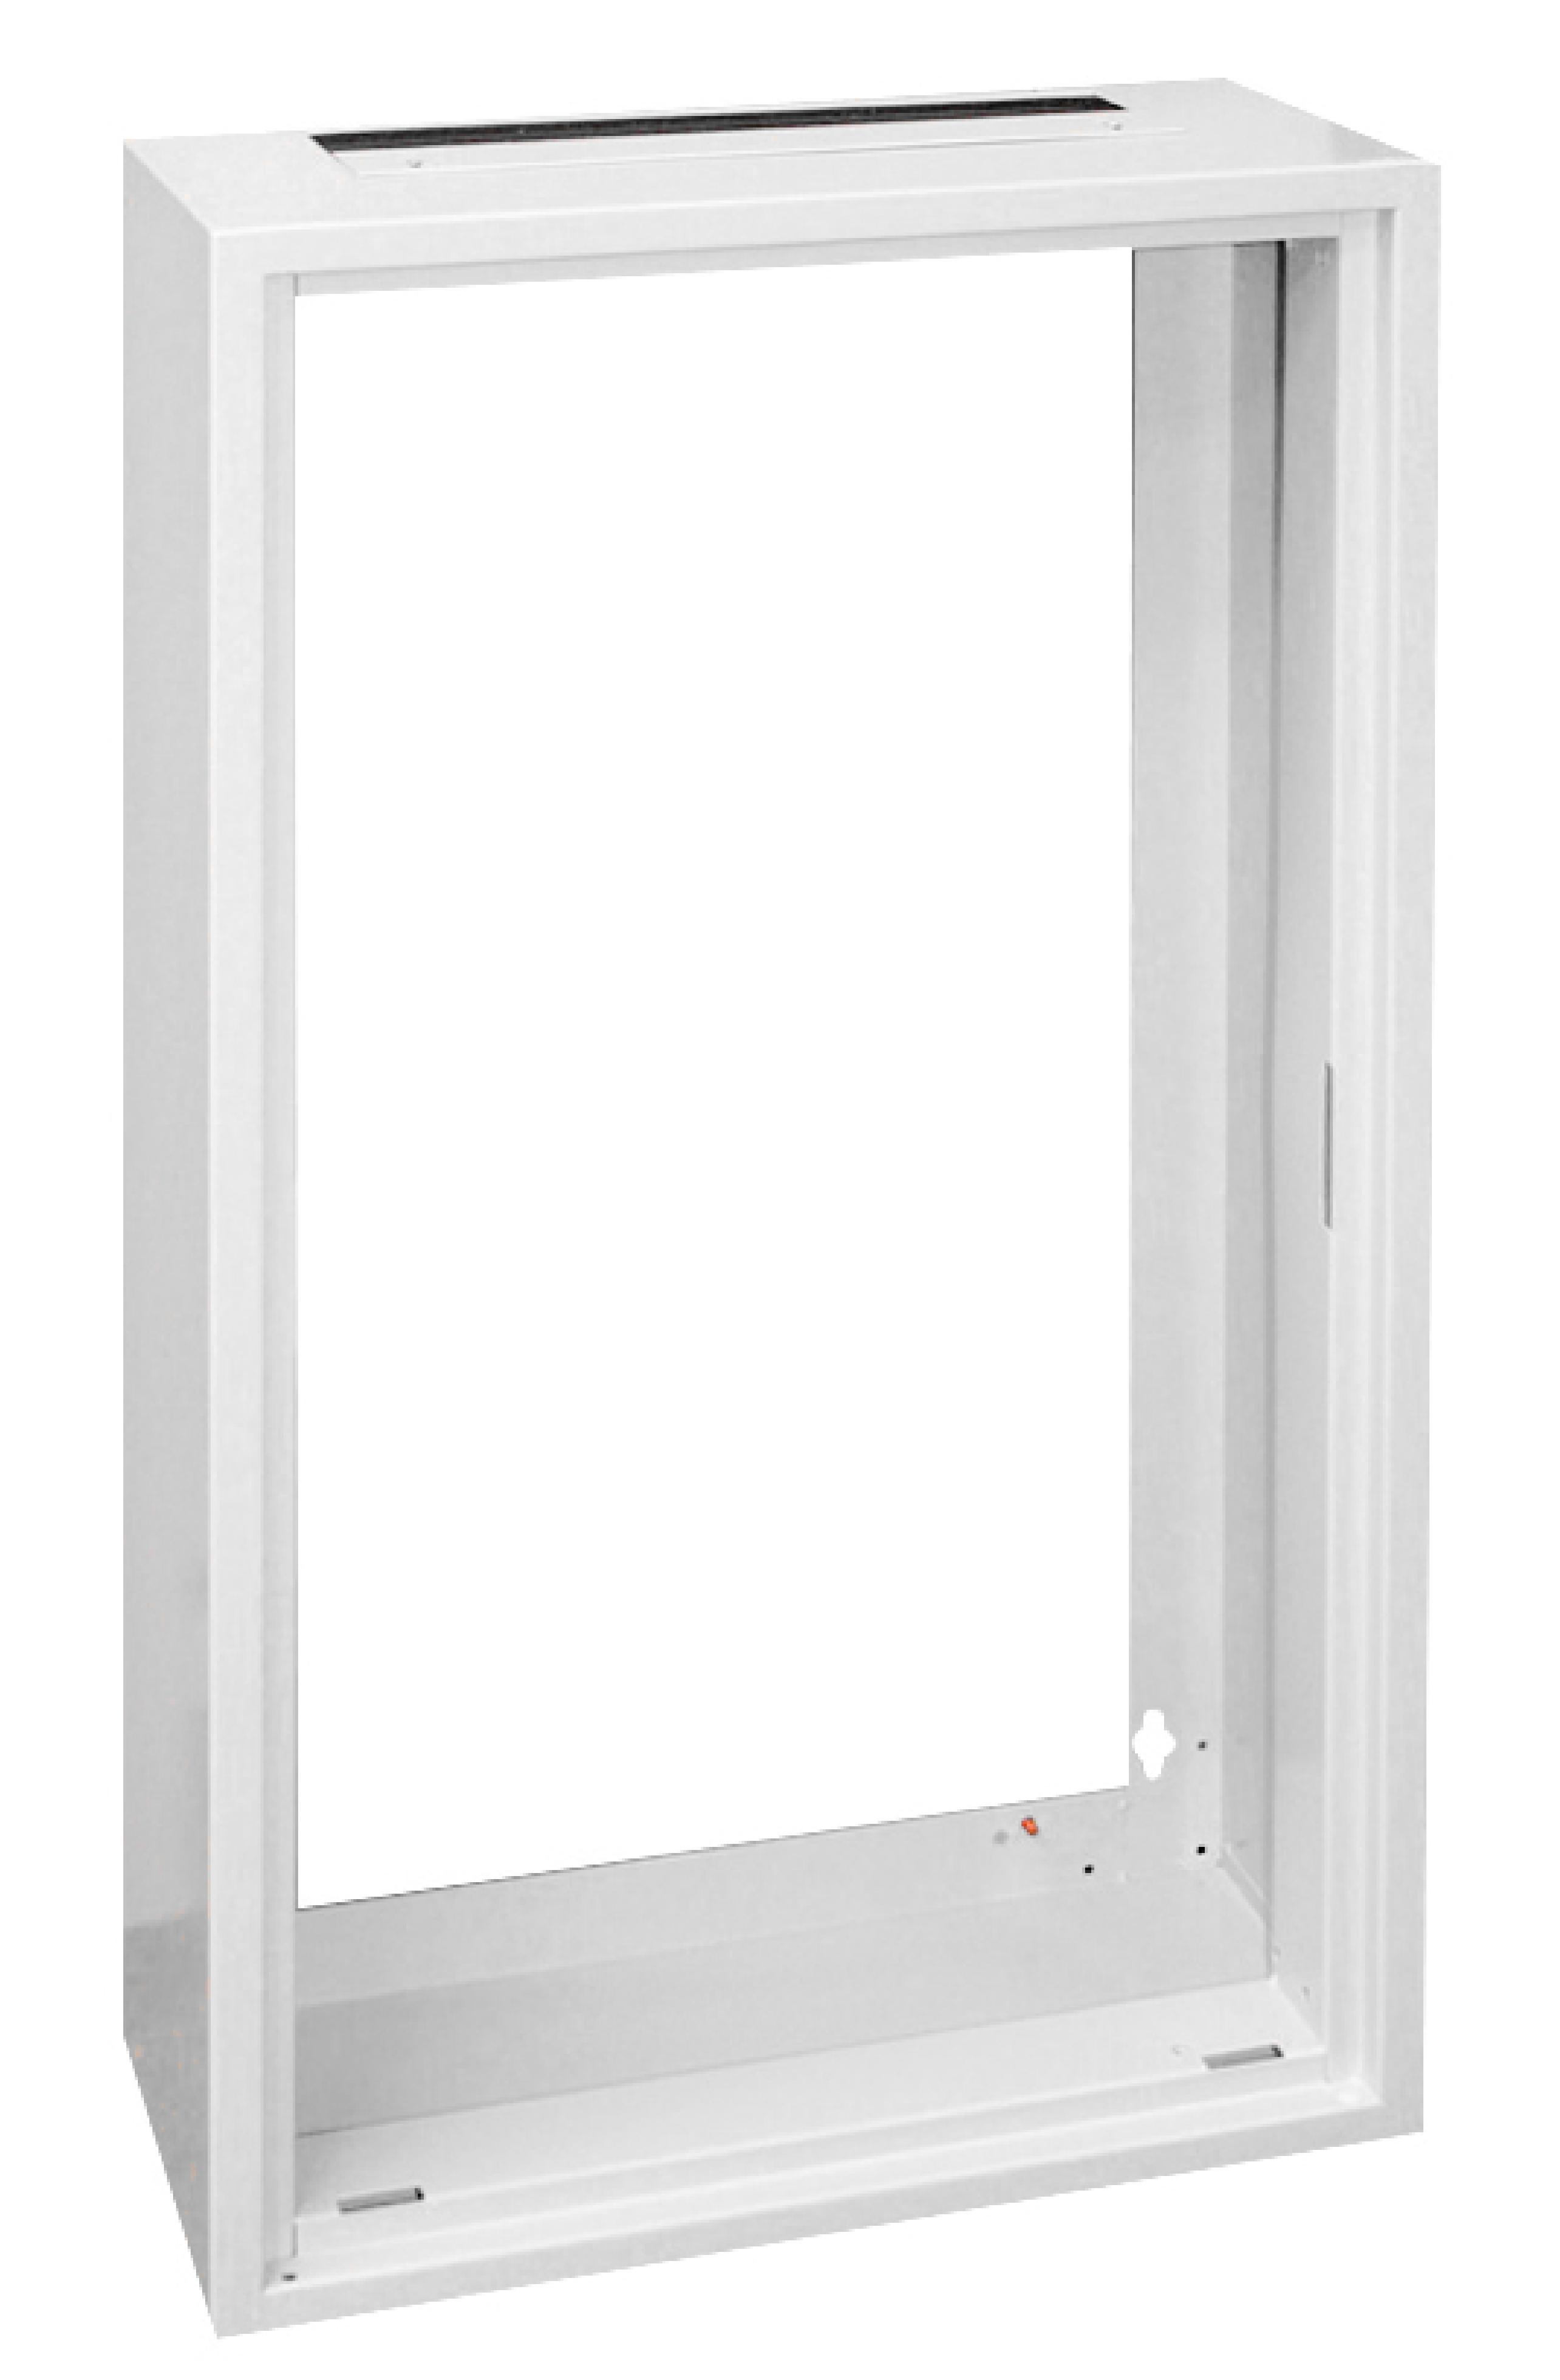 1 Stk AP-Rahmen ohne Türe und Rückwand 2A-42, H2025B590T250mm IL001242-F